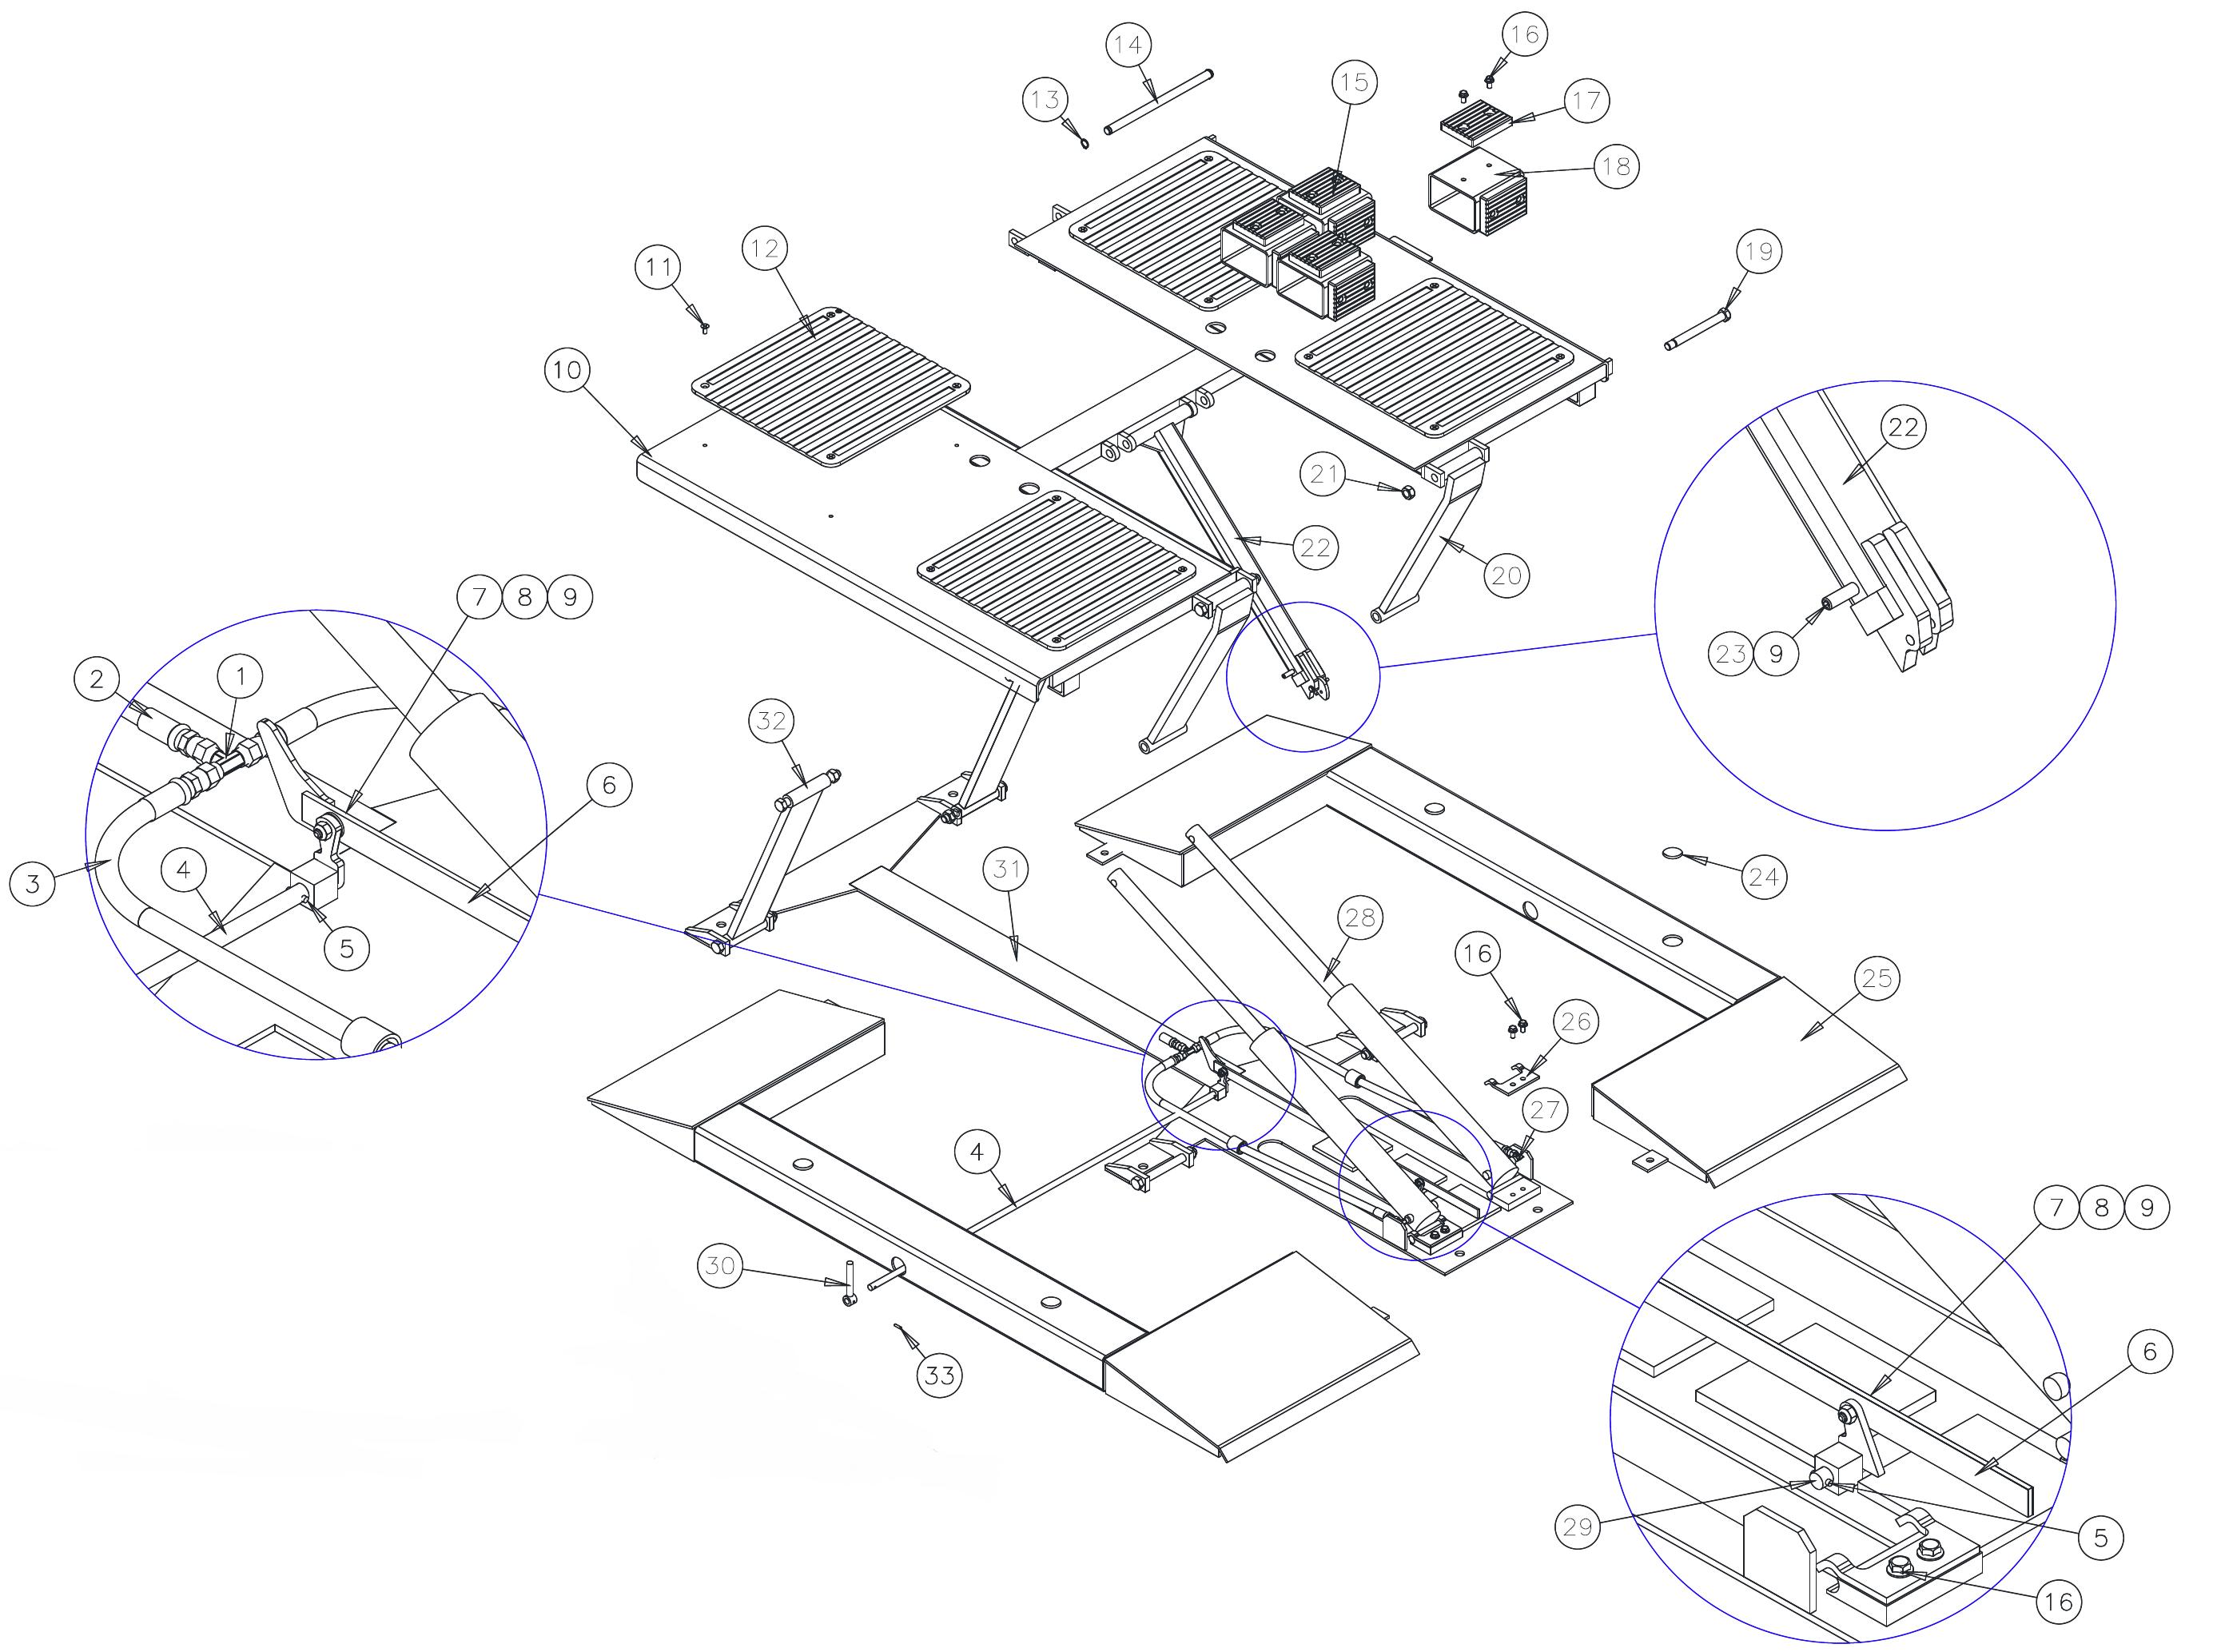 srm10-complete-lift-diagram.png